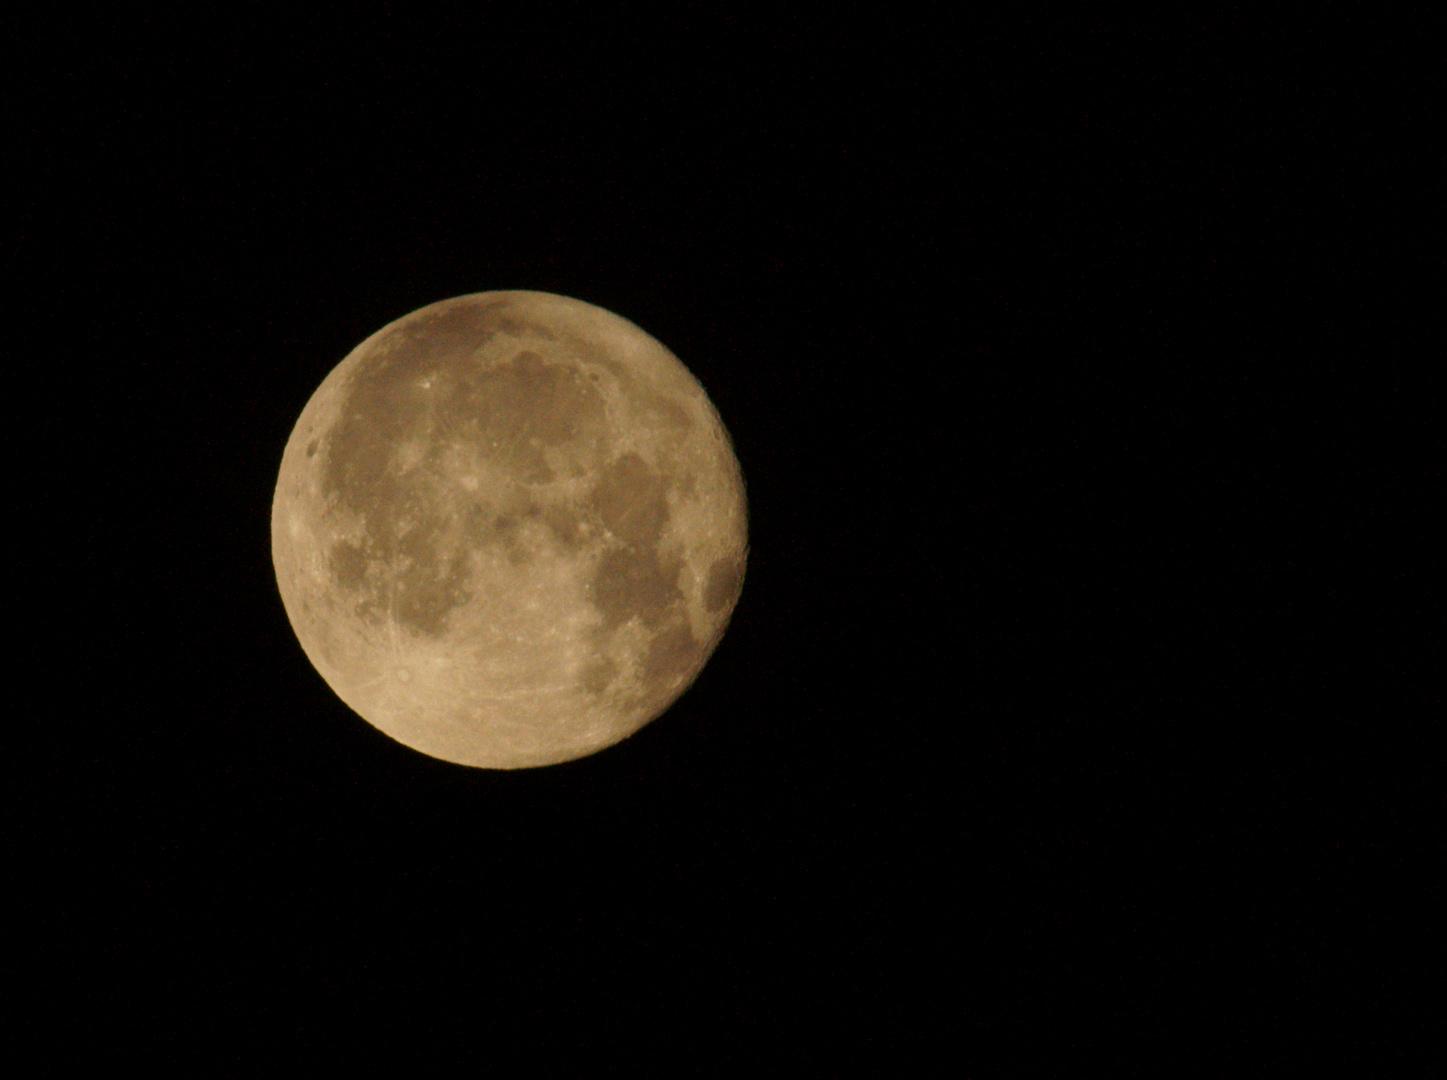 Der frühe Vogel fängt den Mond